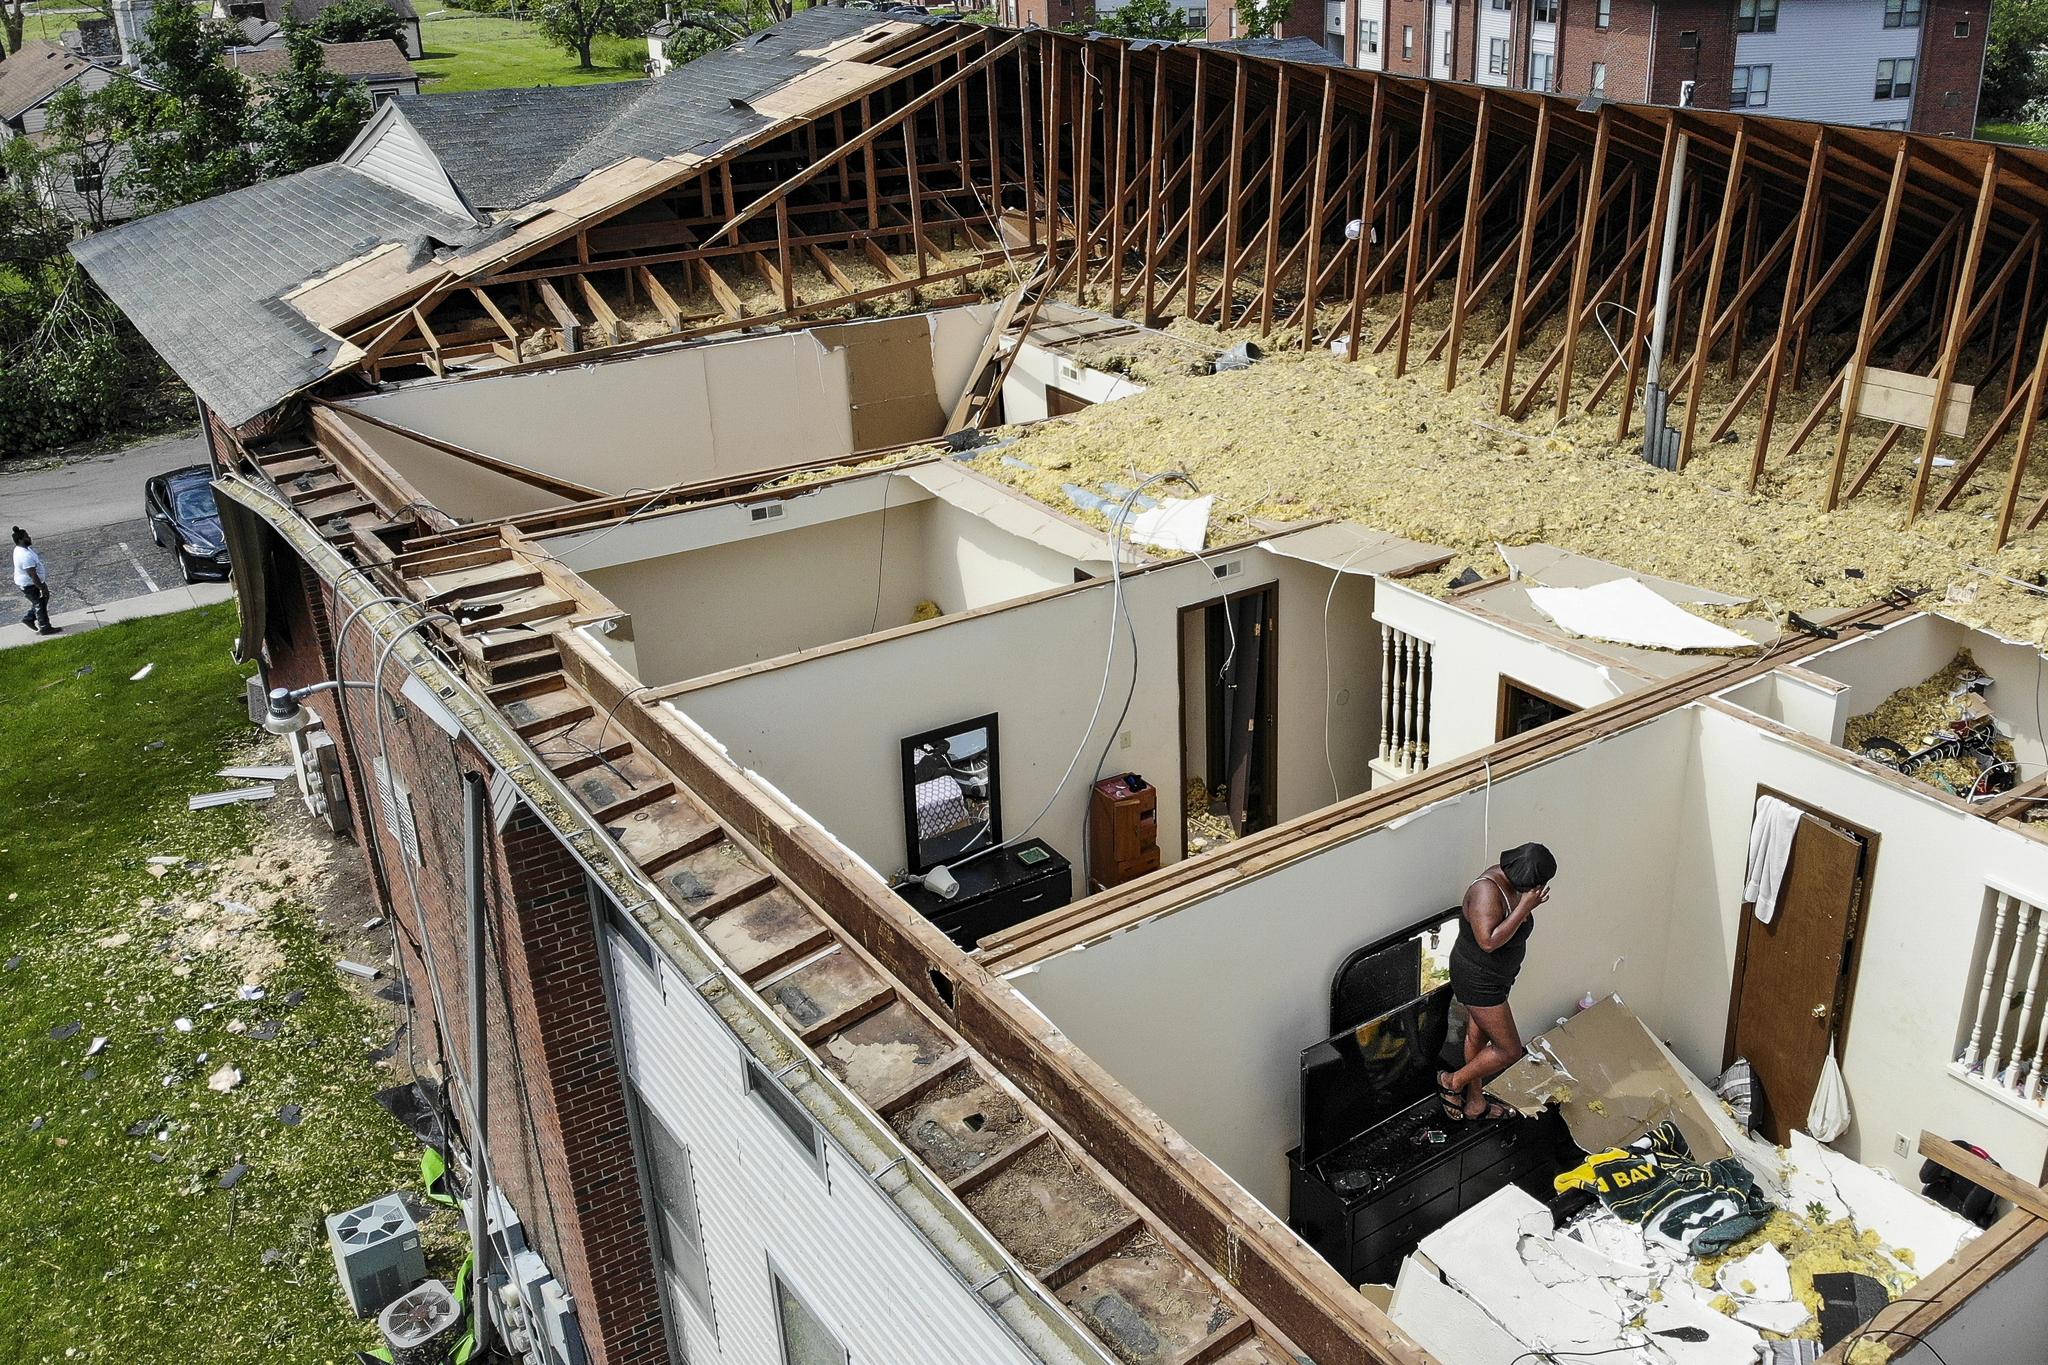 28일(현지시간) 미 오하이오주 트로트우드 지역의 아파트가 토네이도로 지붕이 날아간 뒤 한 주민이 집 내부를 살피고 있다. [AP=연합뉴스]